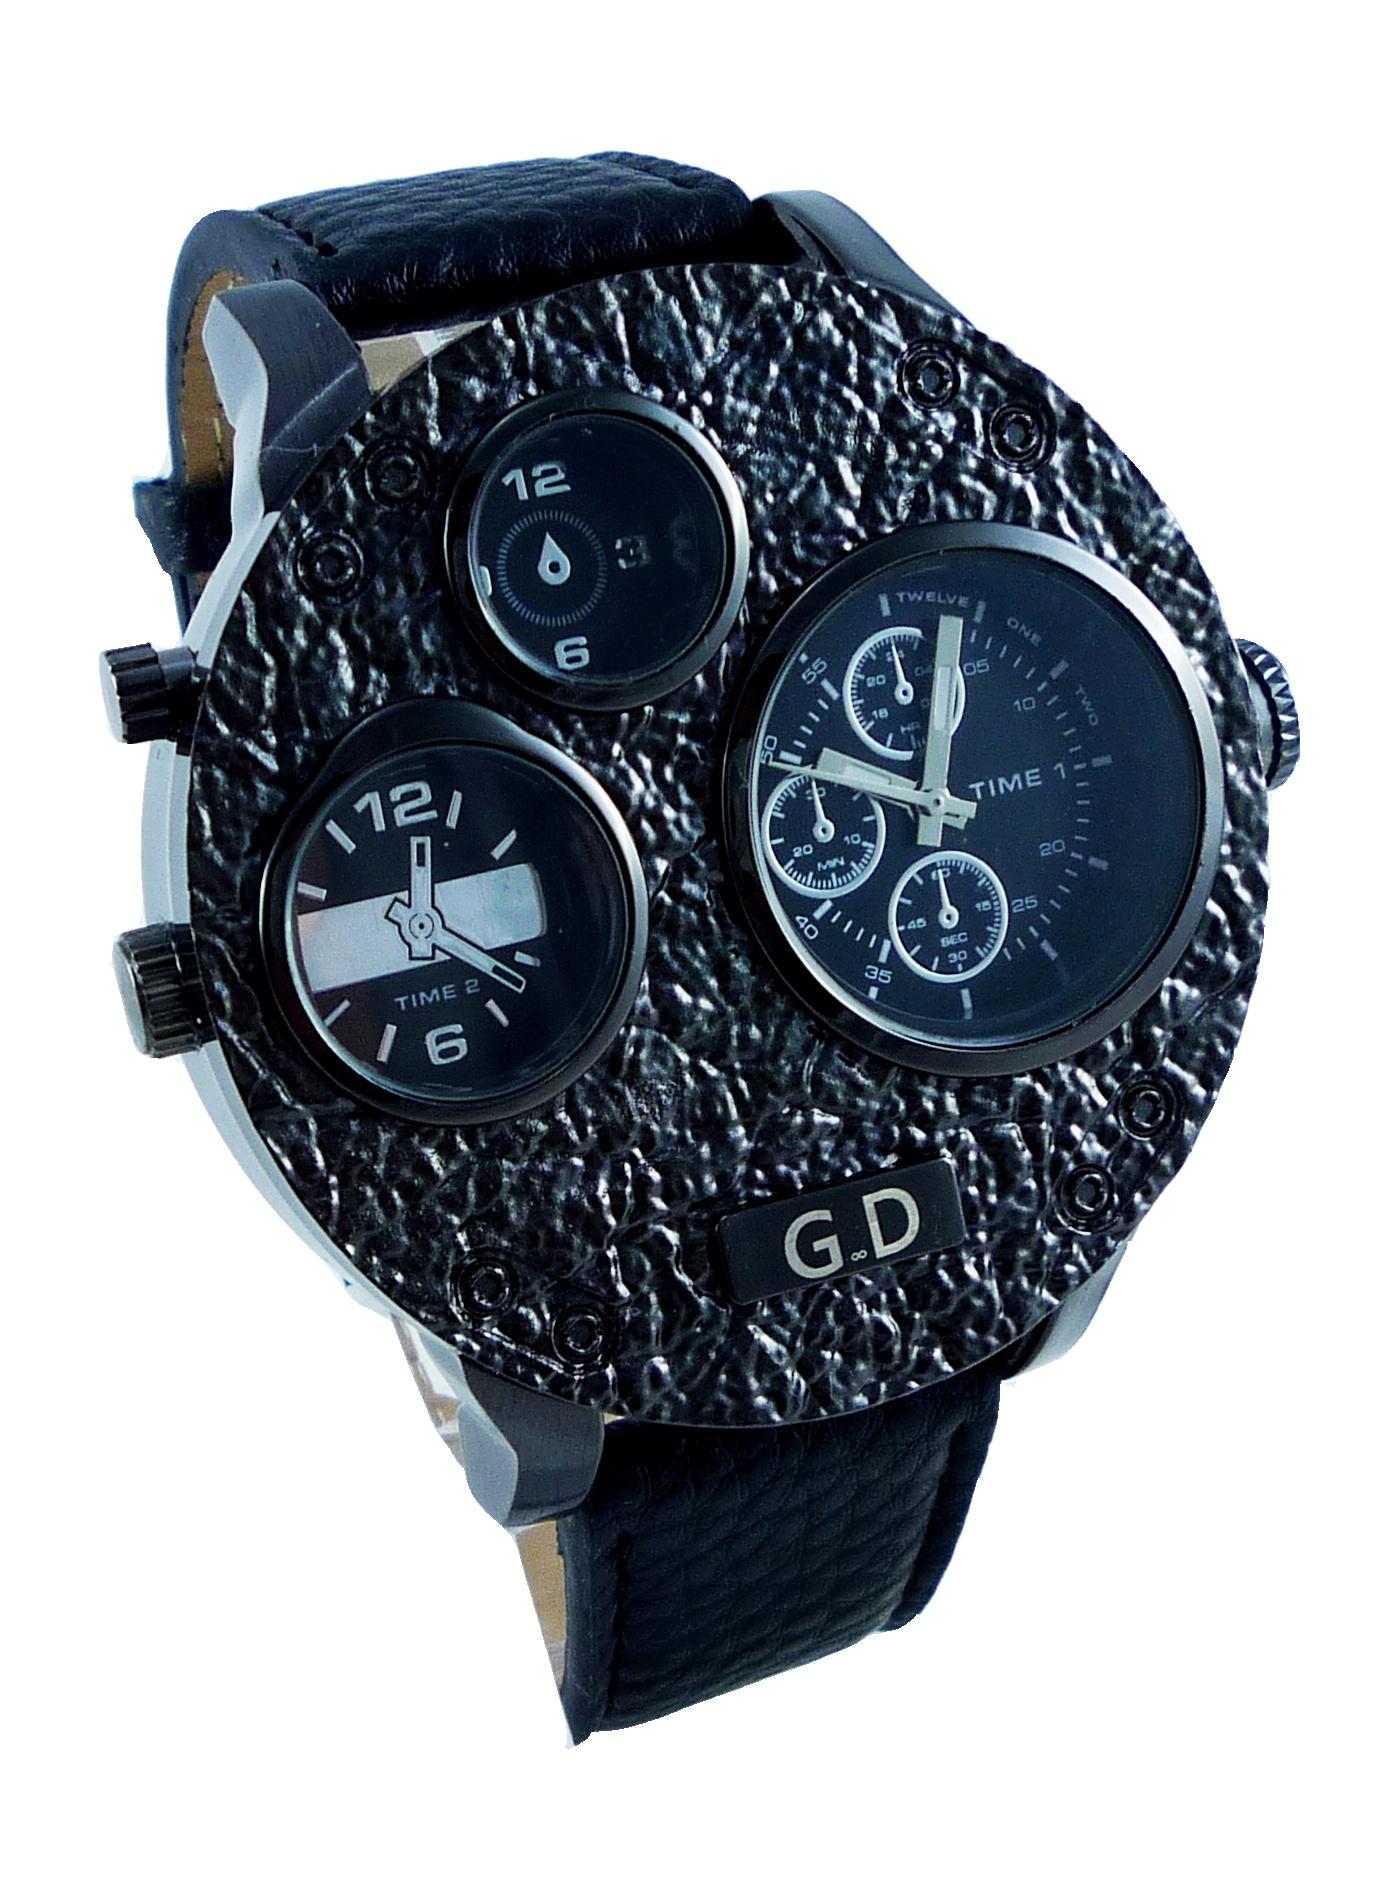 Pánské kožené hodinky G.D BIG černé 087P